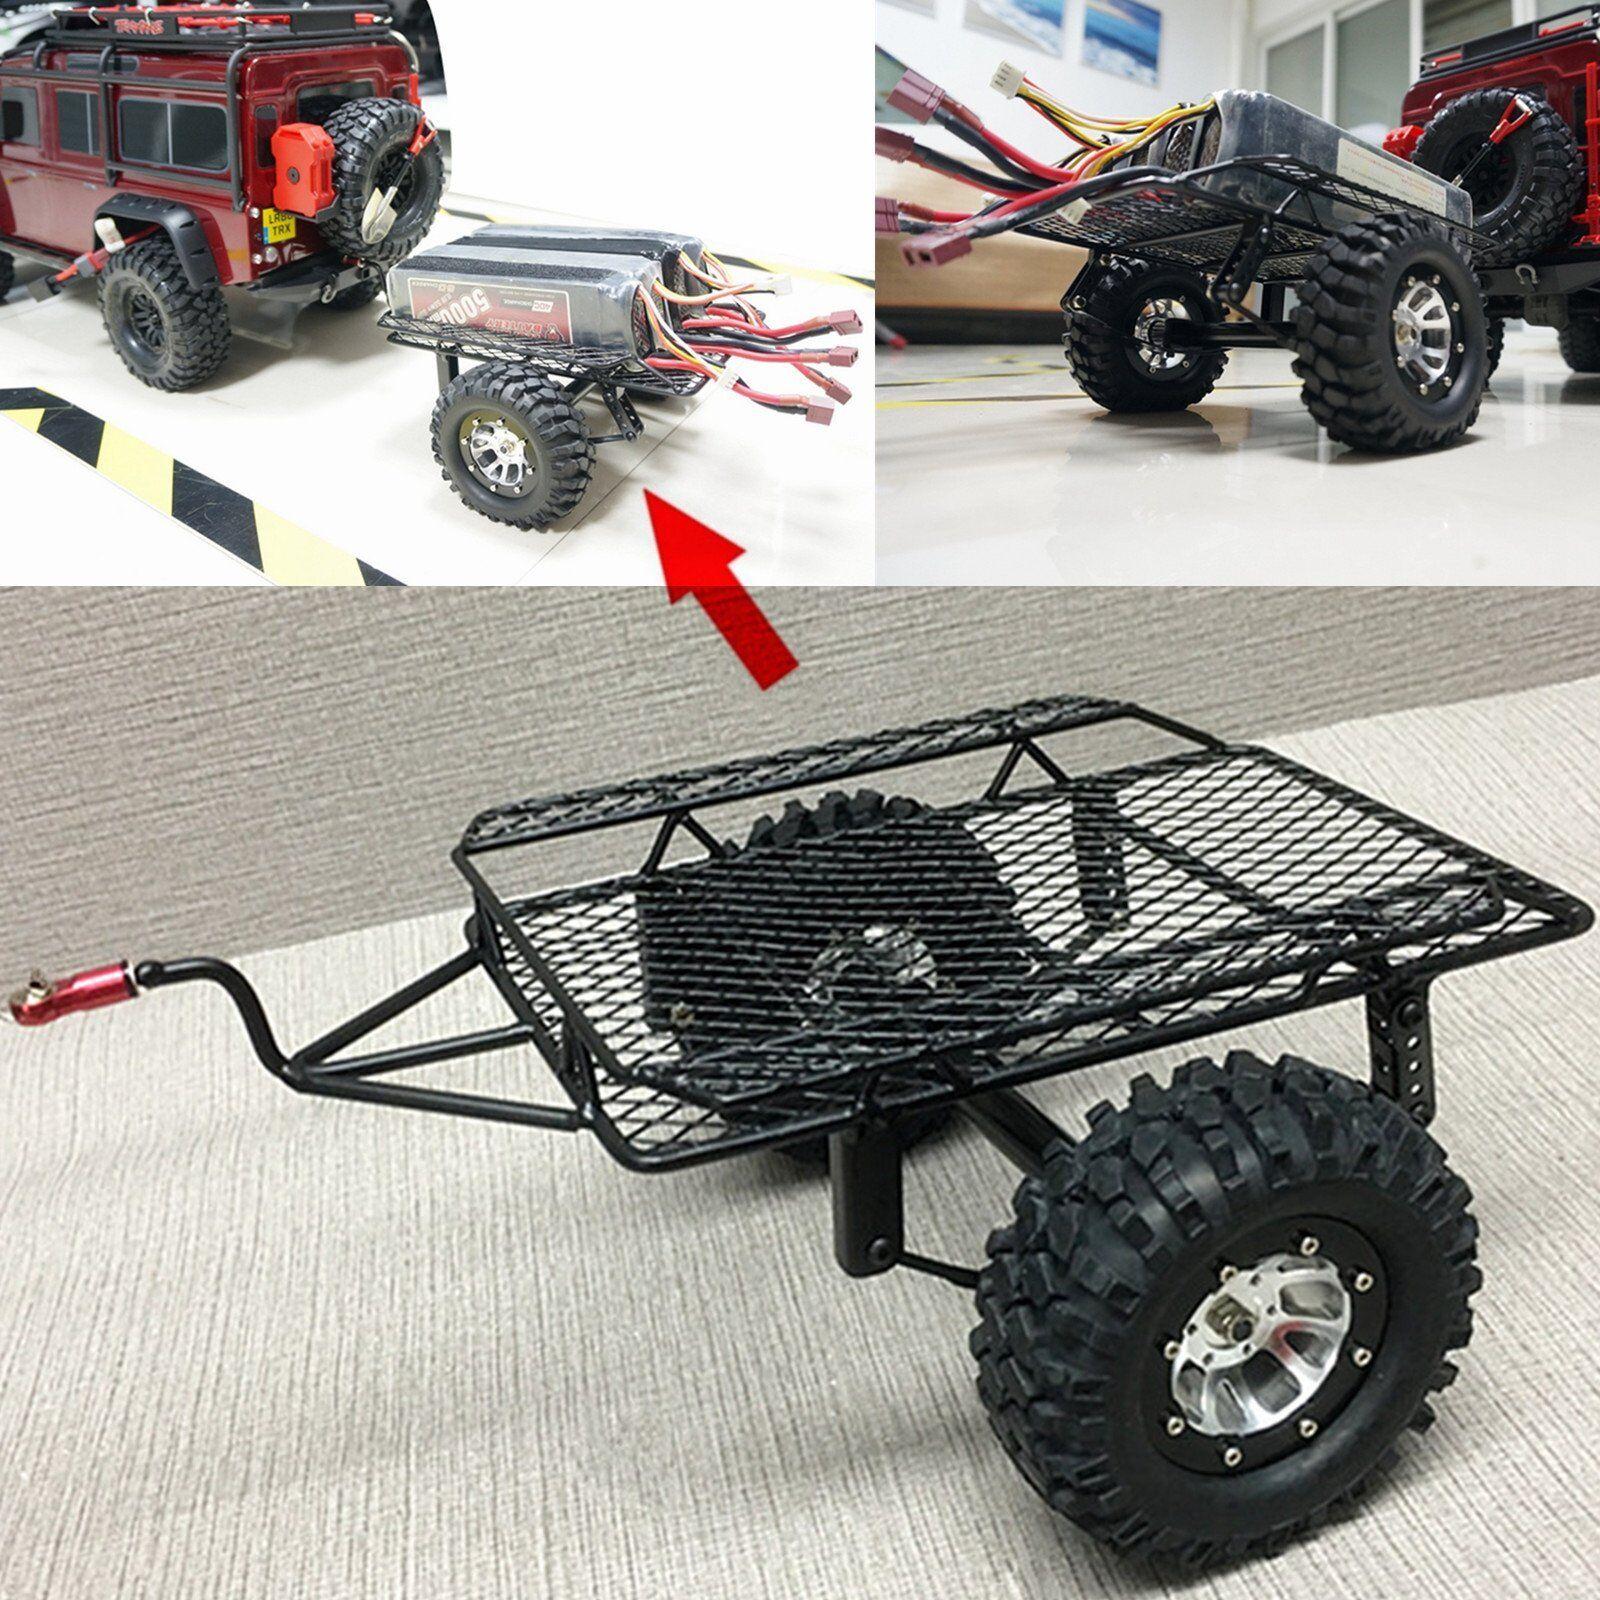 Rodamiento Rock Crawler 1 10 axial SCX10 D90 RC coche metal pequeño remolque + 2pc 90 mm neumático